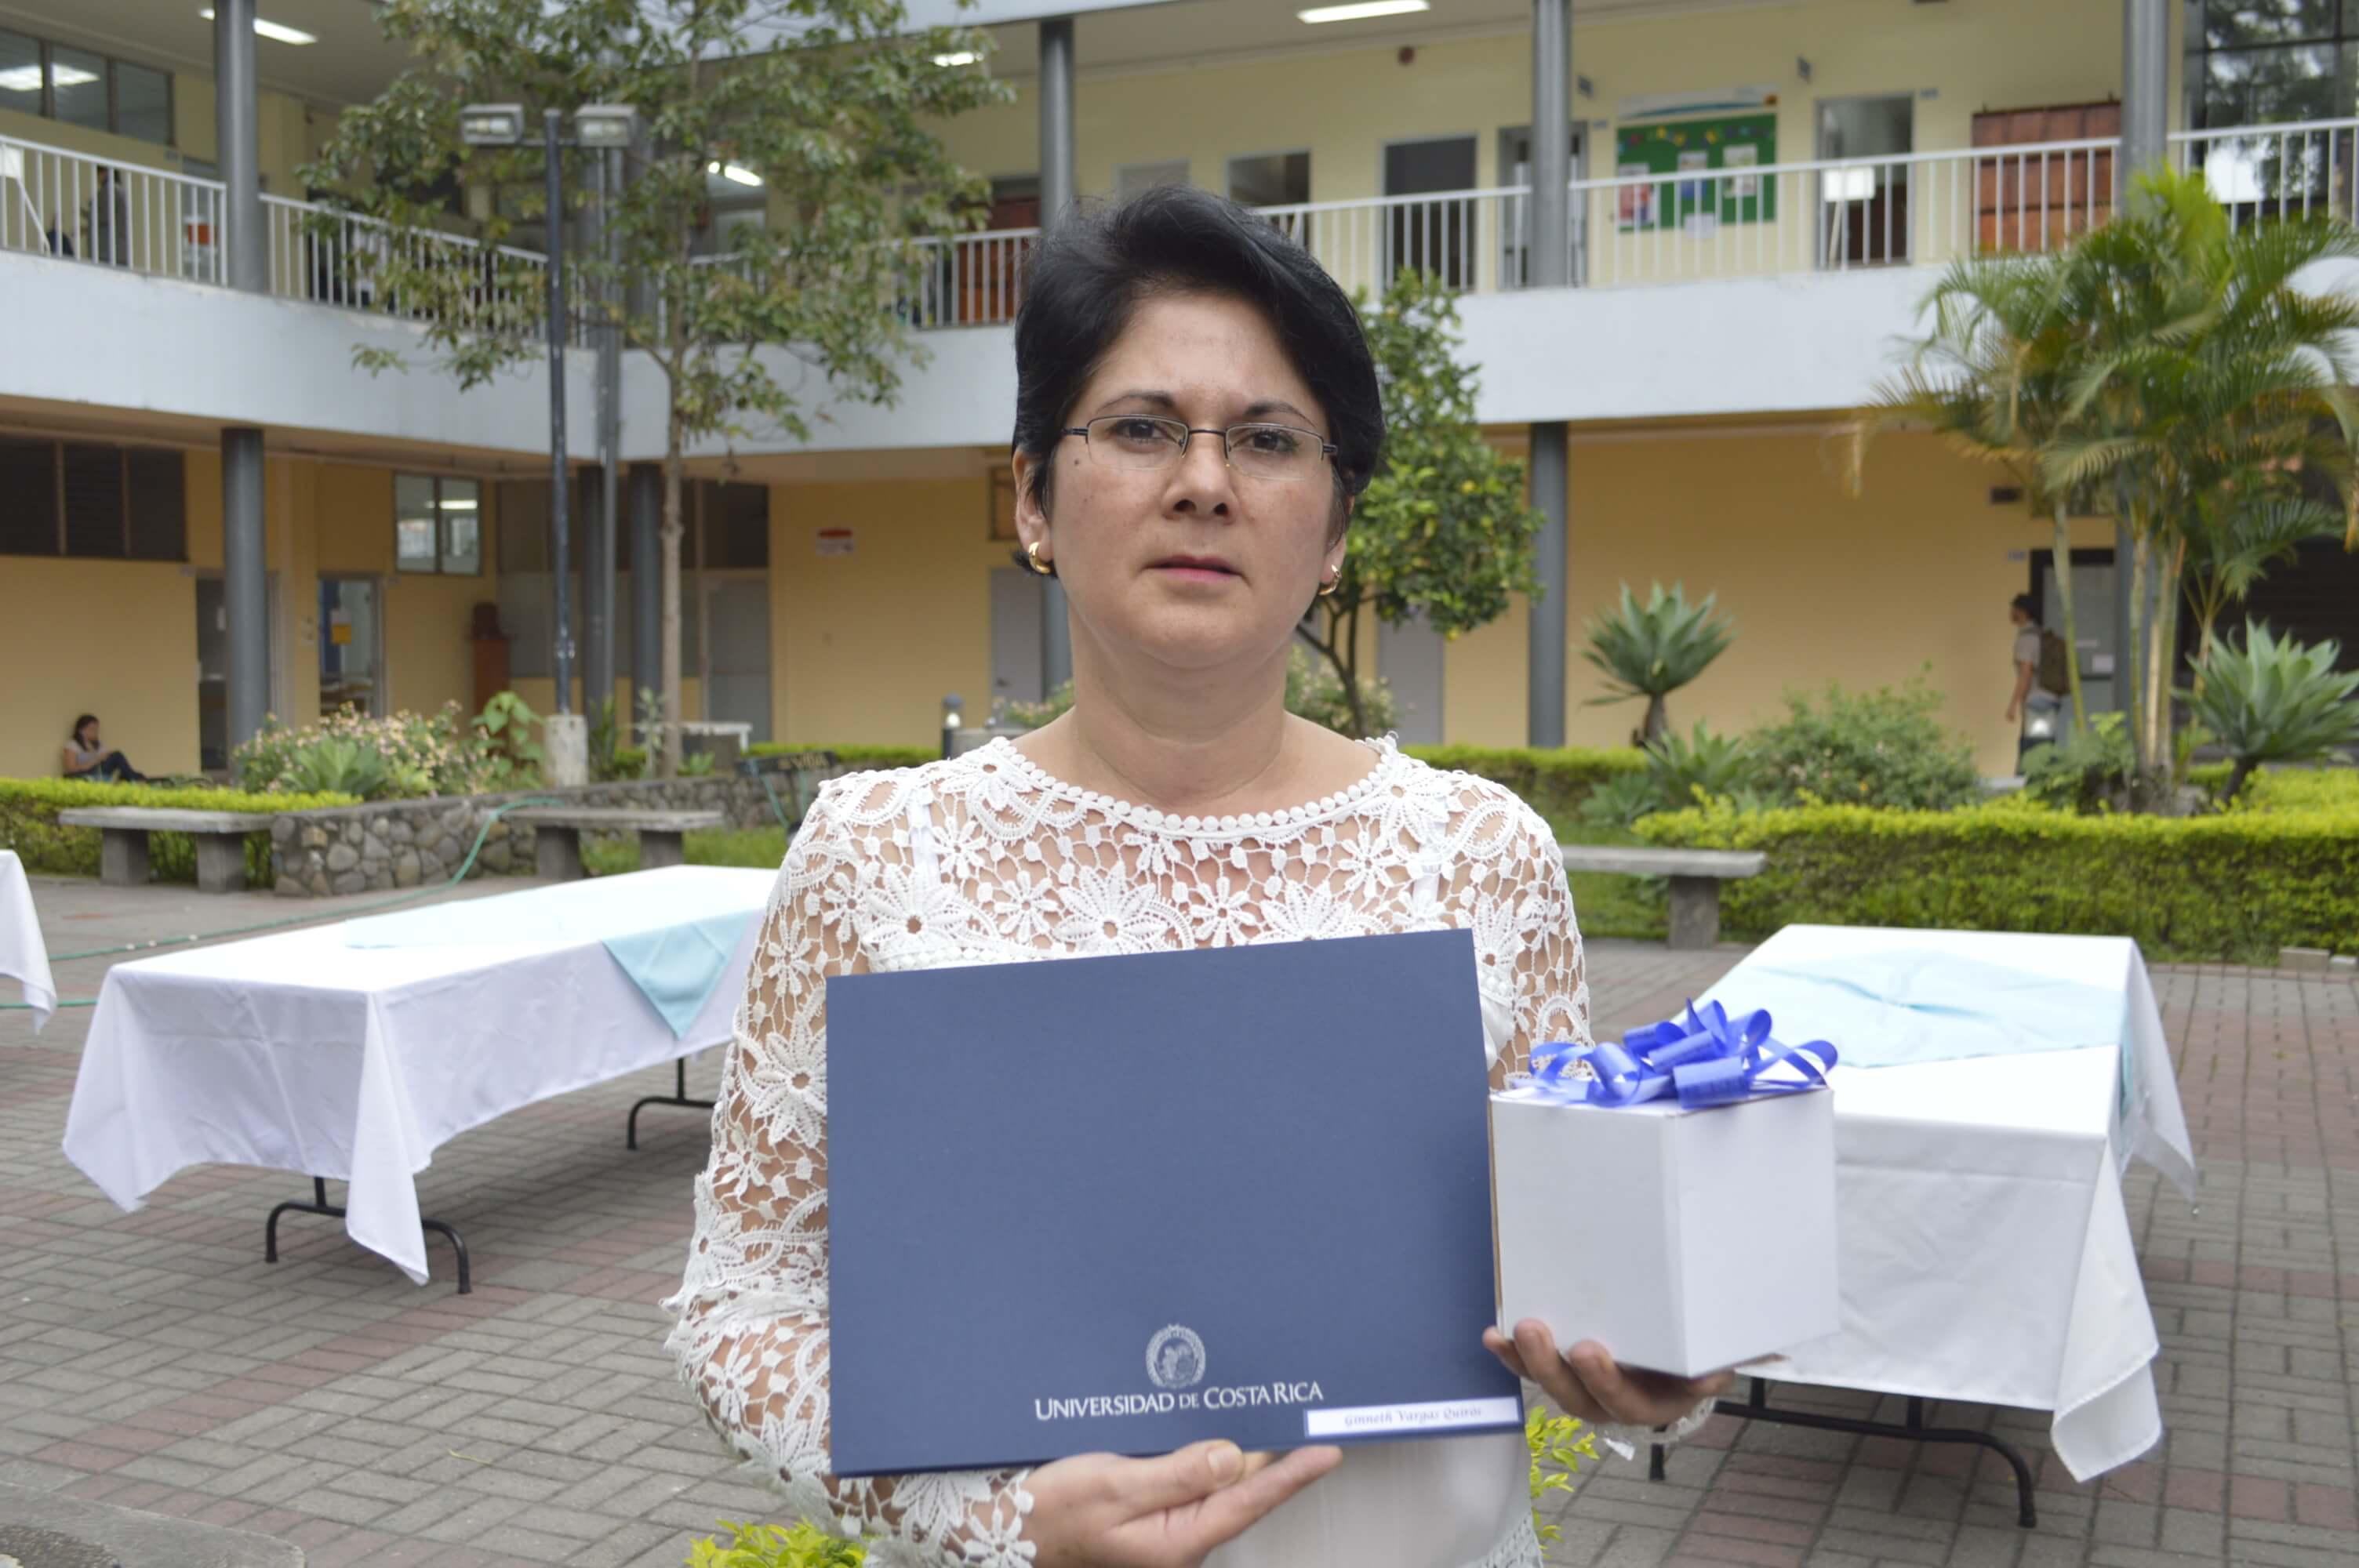 Ginés Vargas Quirós, de 51 años es una de las estudiantes graduadas del PEA. Ella rescató la gran labor del PEA y expresó es cumplió su anhelo más esperado: lograr el título de bachillerato. Foto: Jafeth Mora.